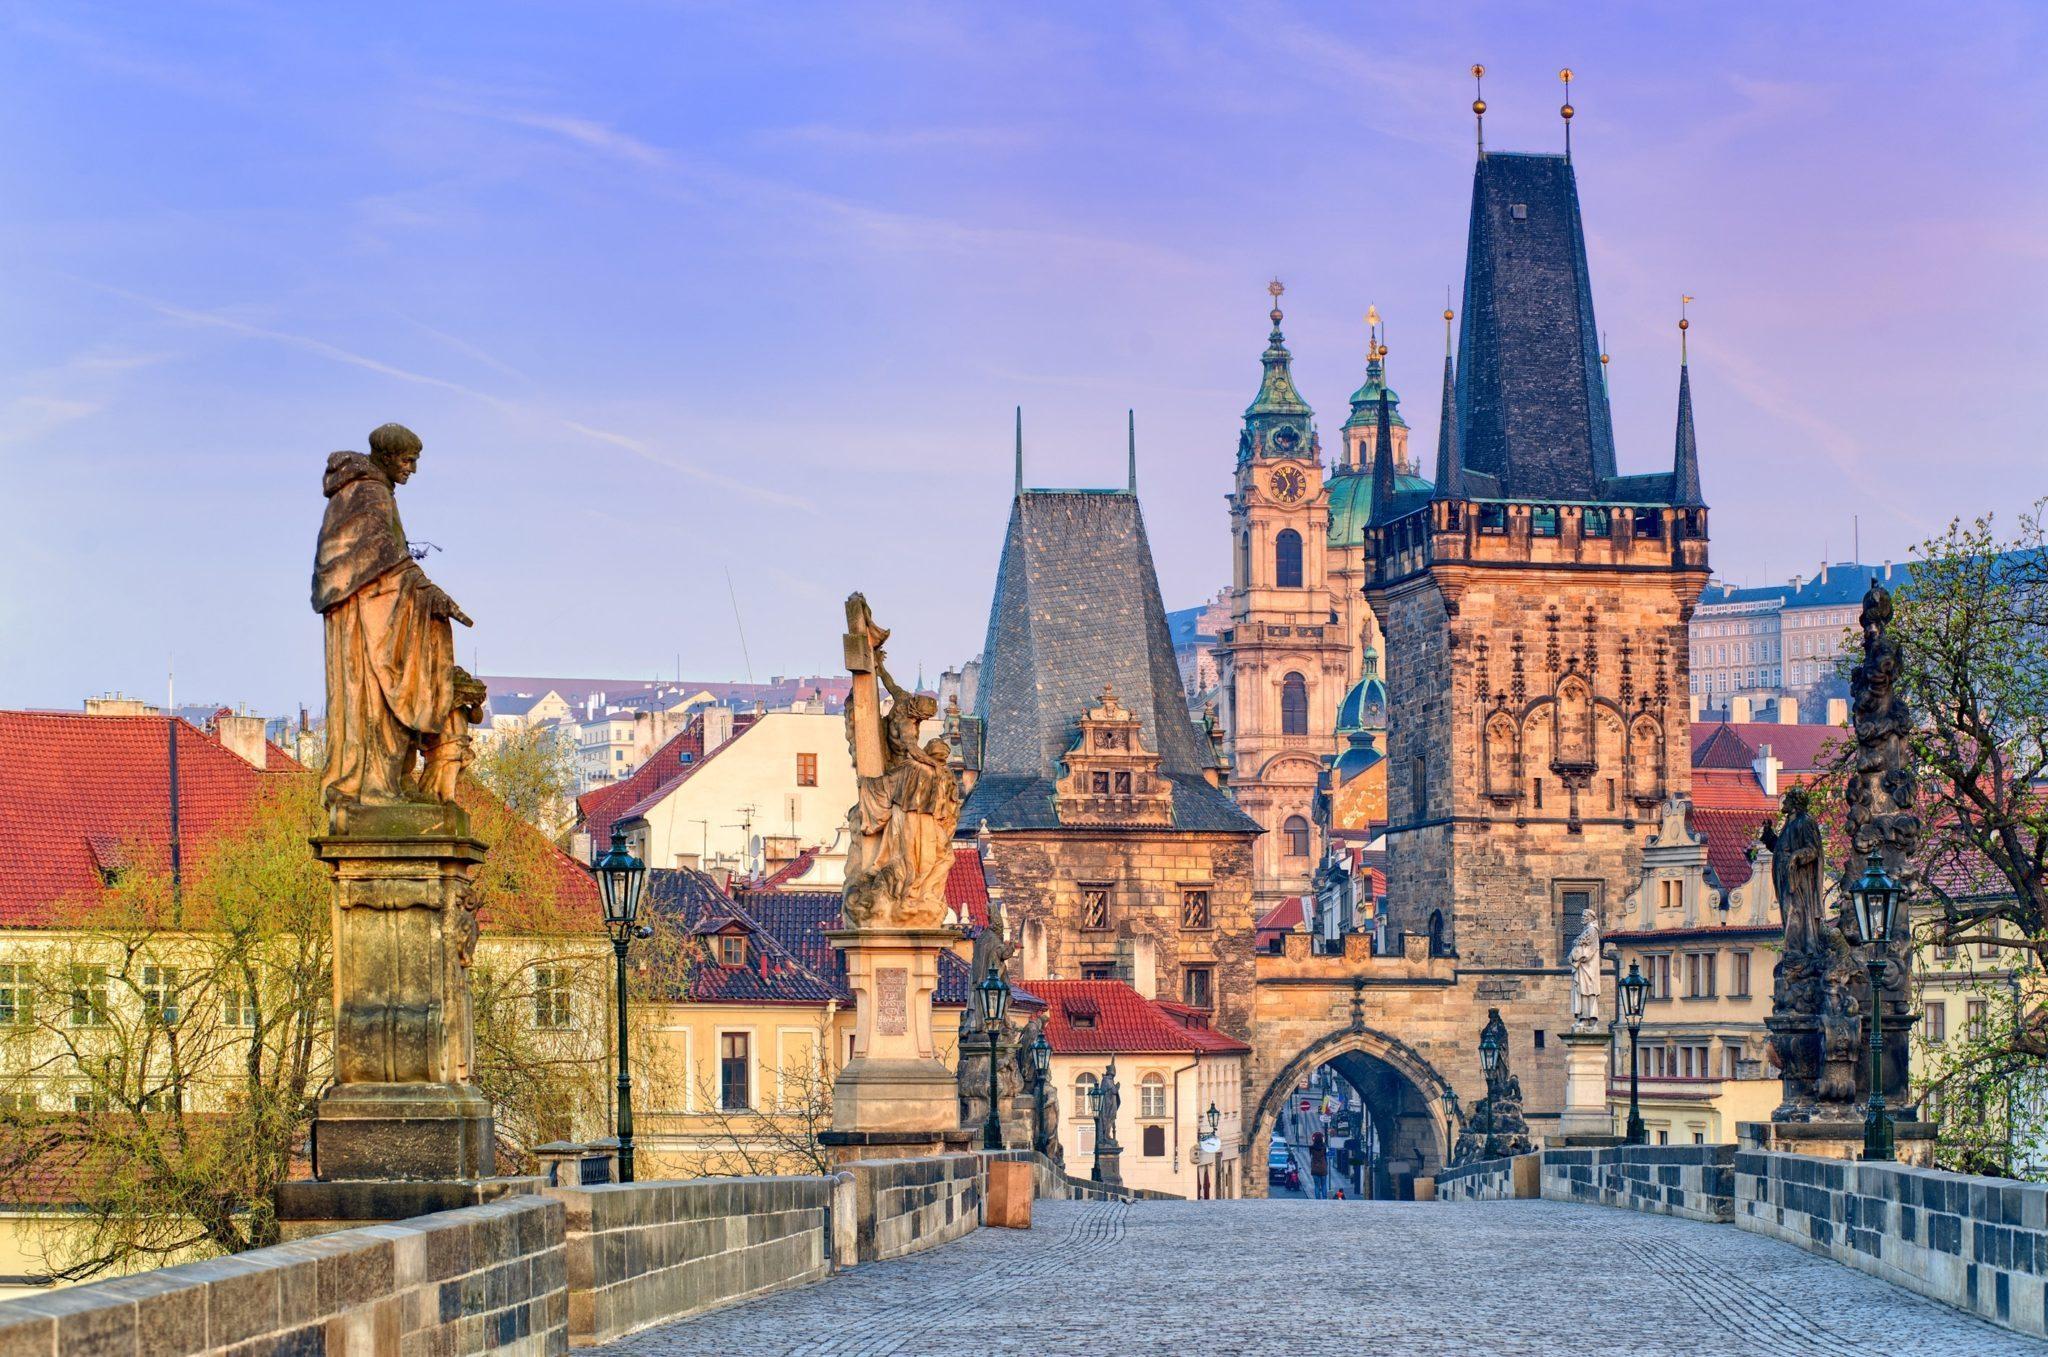 Arkivfoto fra den tjekkiske hovedstad, Prag.